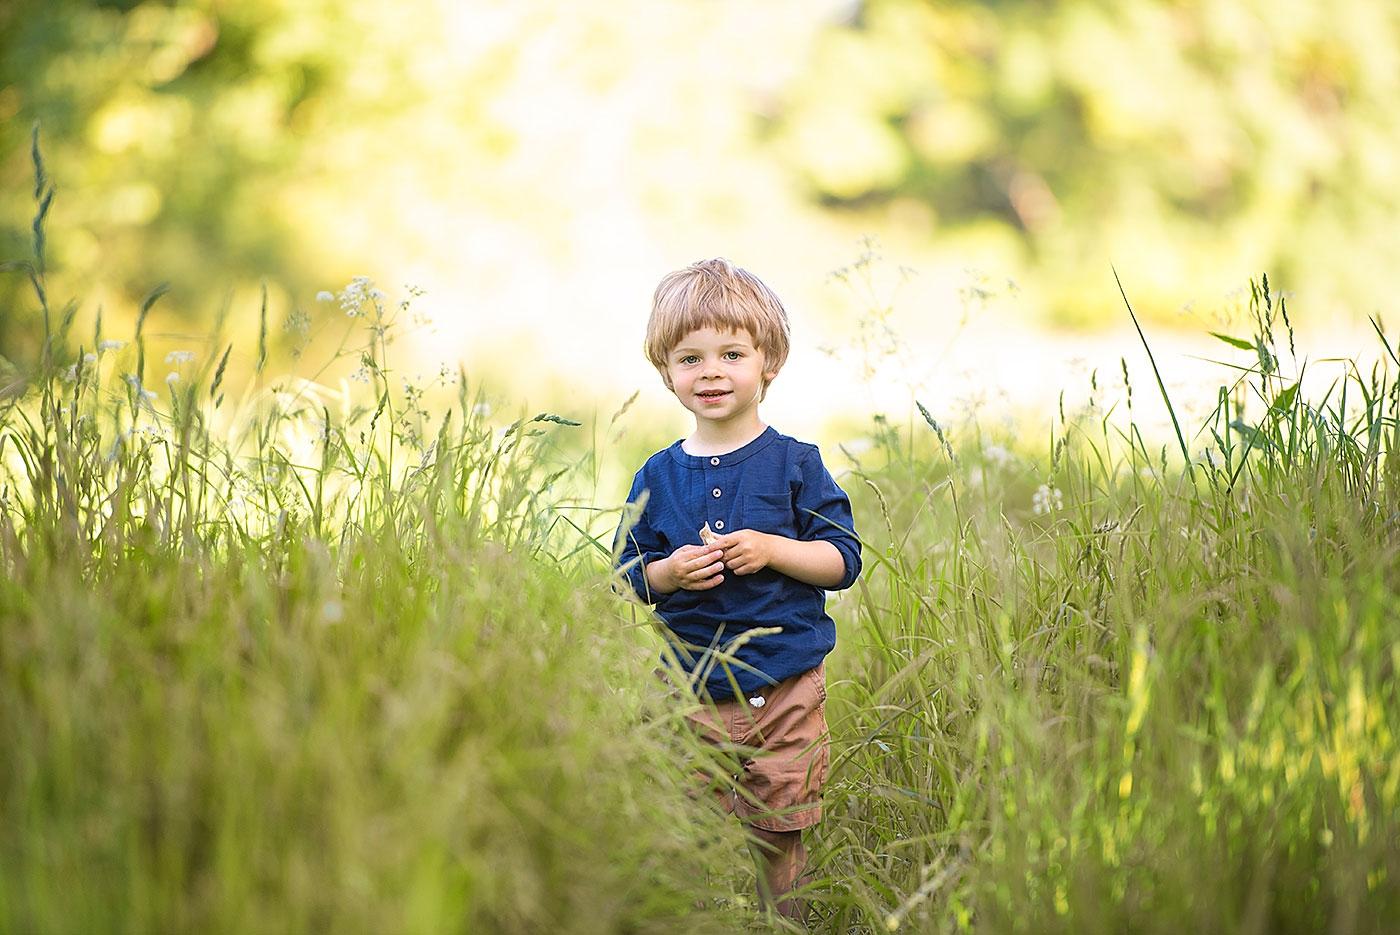 Outdoor children photographer in Dorset